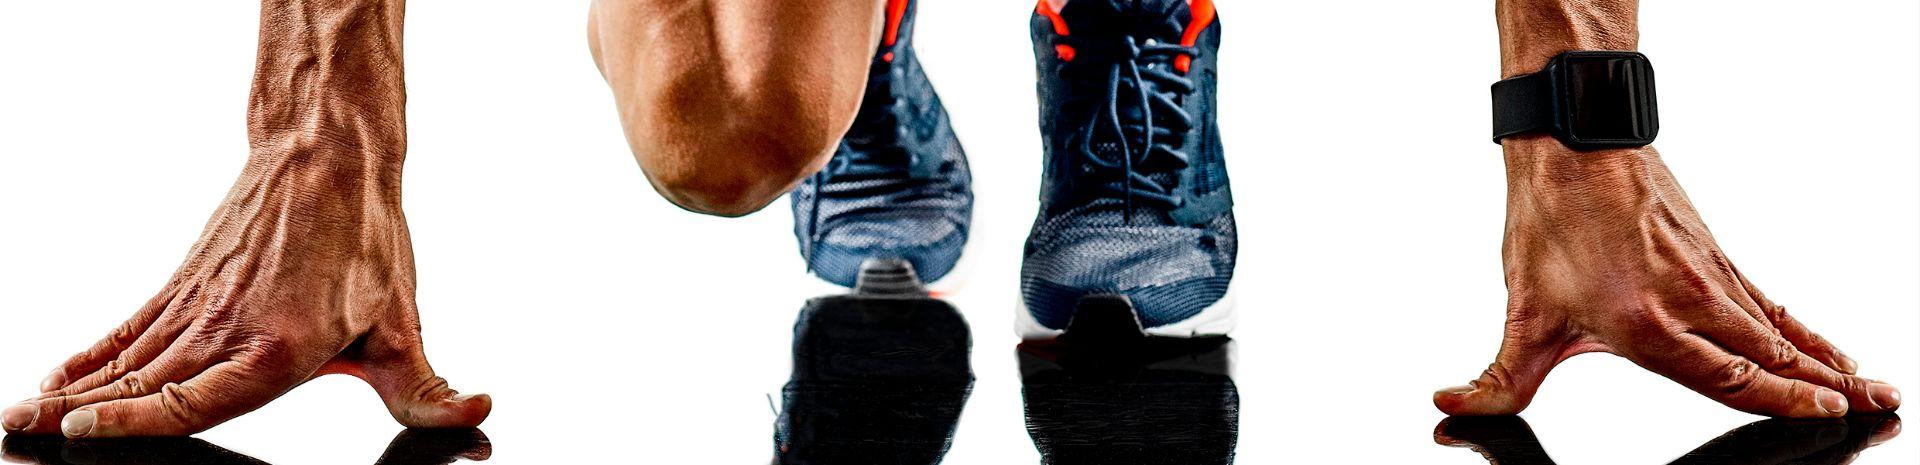 Ciencias de la Actividad Física y del deporte